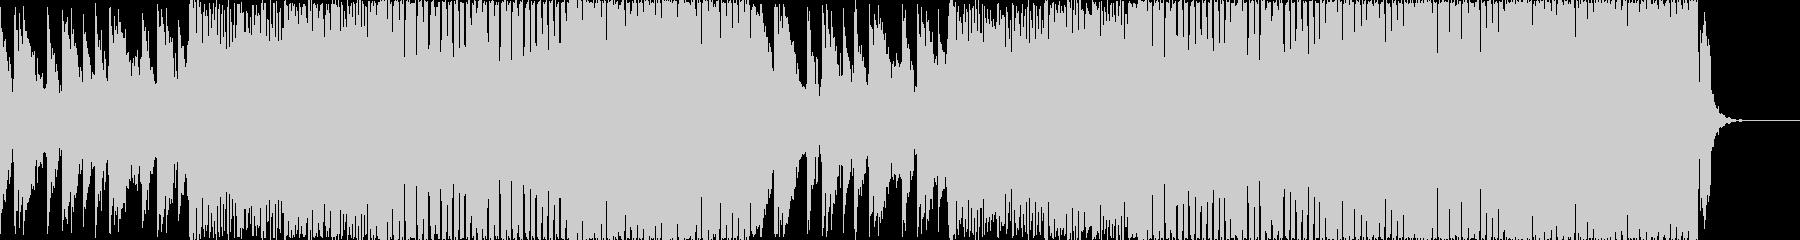 エモーショナルなEDMの未再生の波形